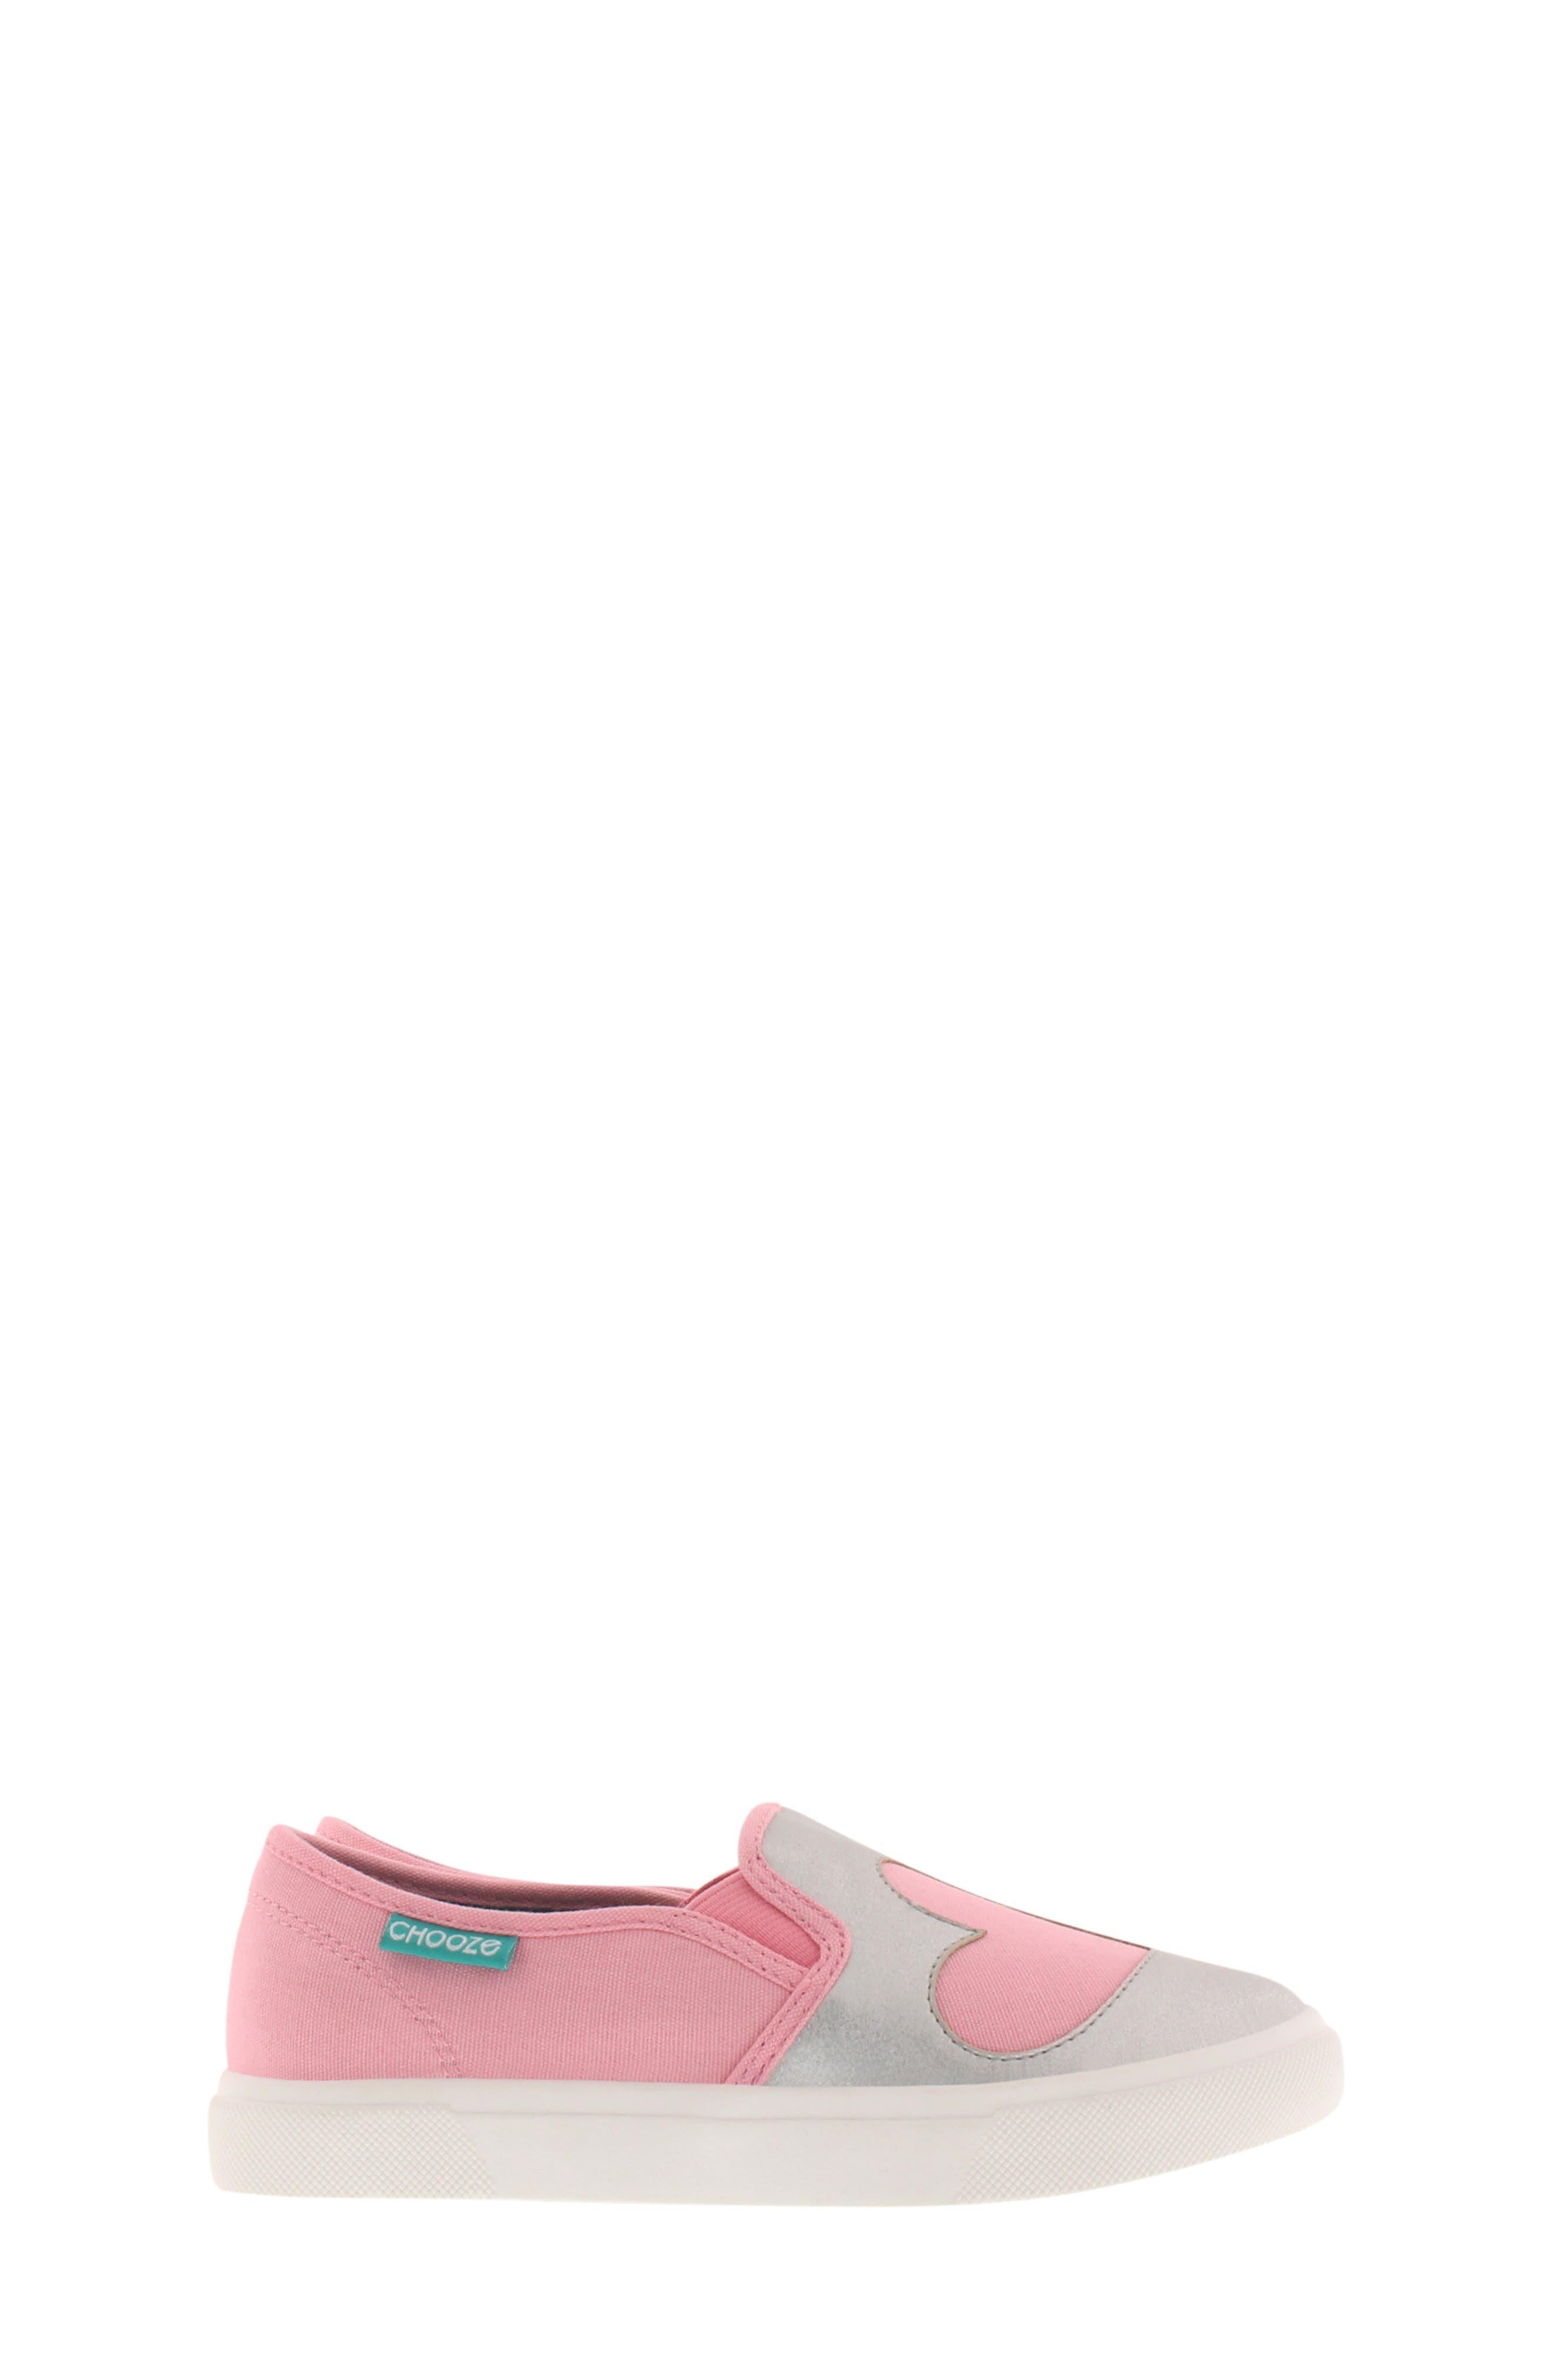 CHOOZE, Little Choice Starheart Slip-On Sneaker, Alternate thumbnail 3, color, SILVER